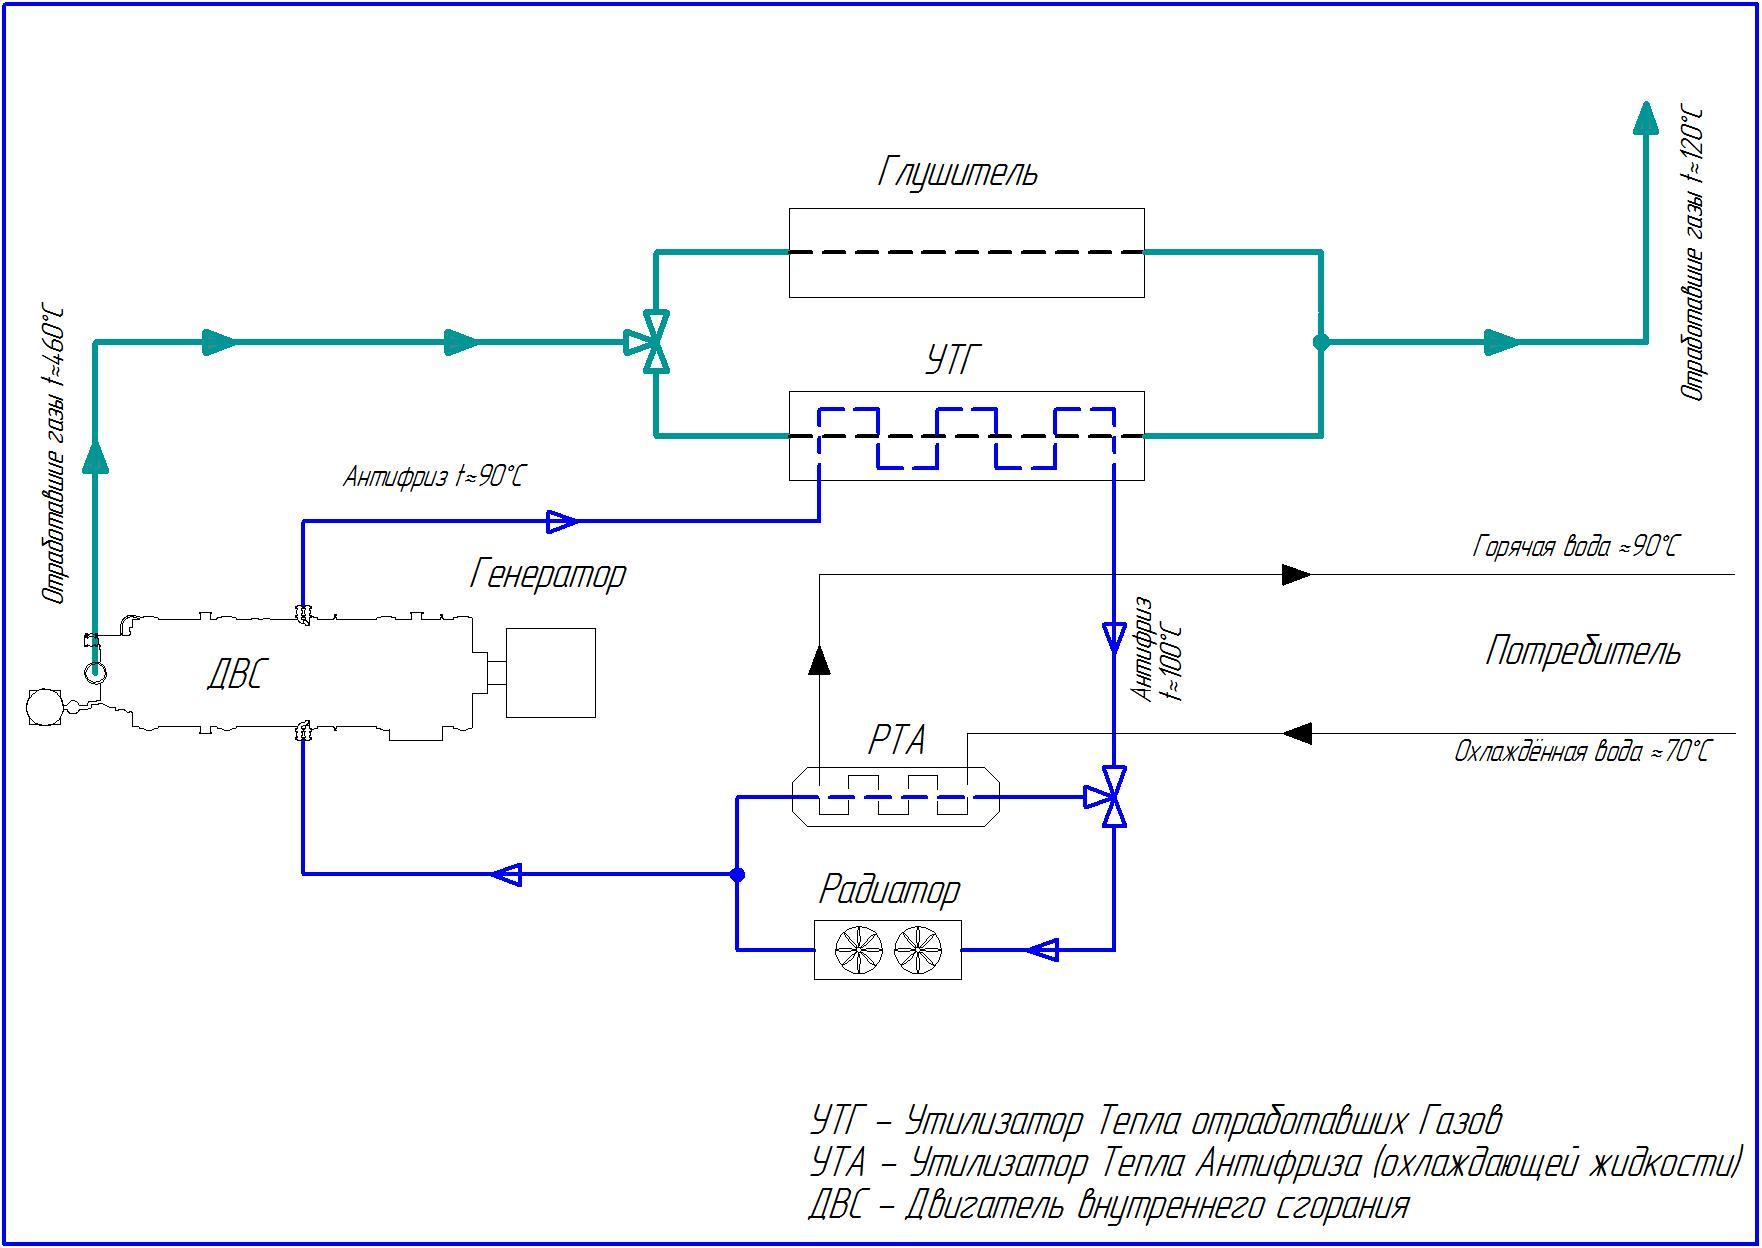 Утилизатор тепла антифриза газопоршневой установки 320 кВт